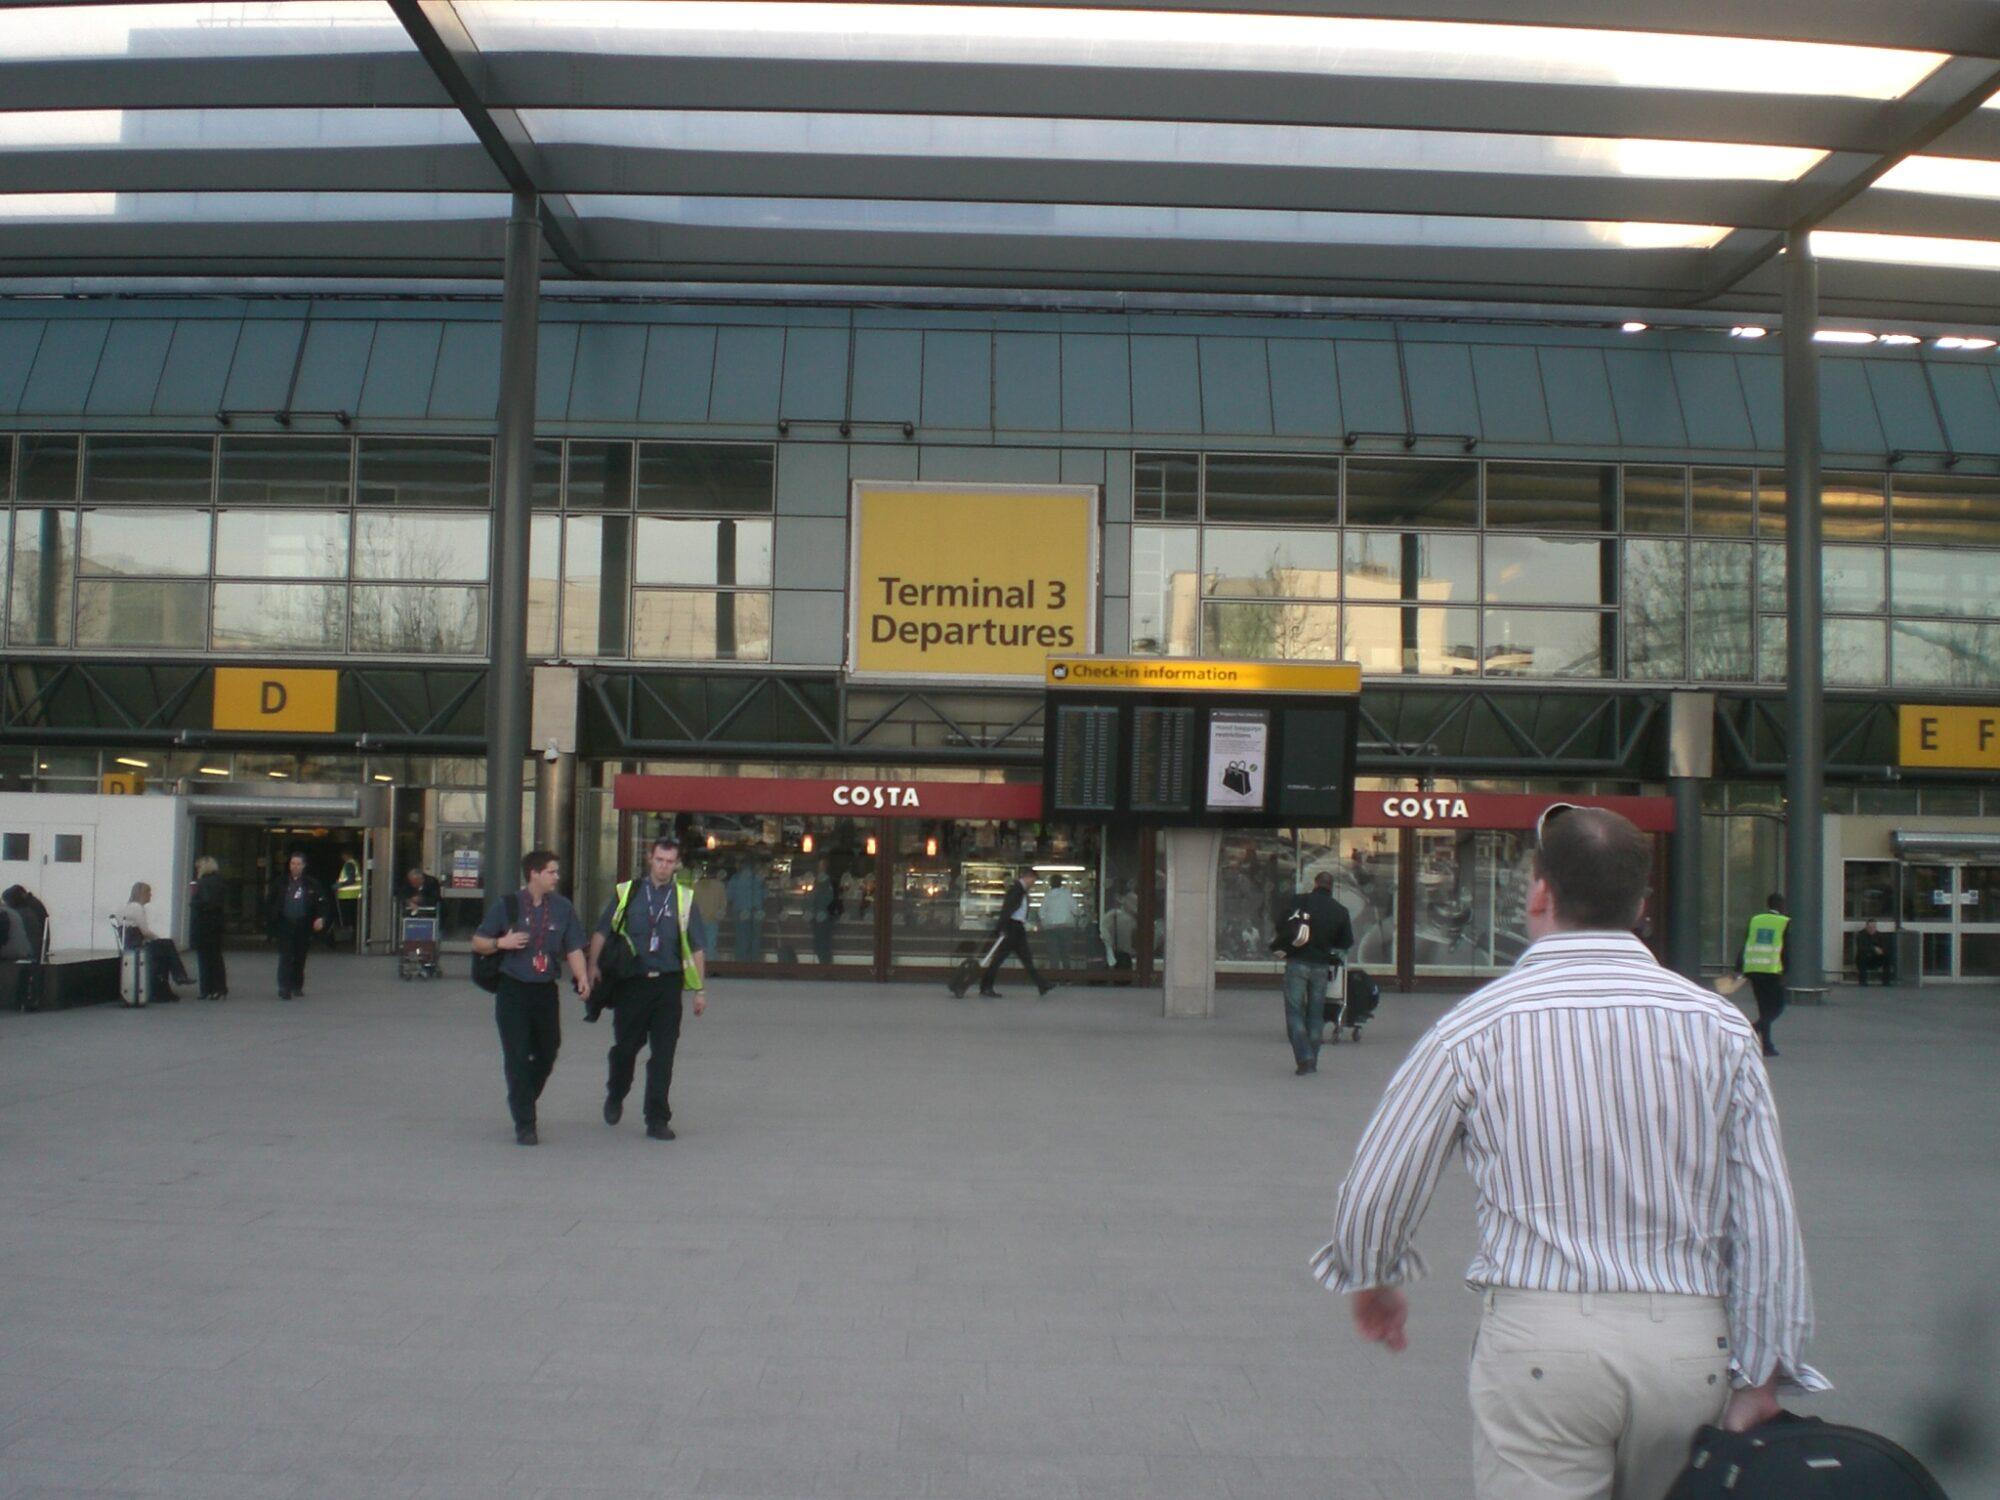 英國將啟動電子旅行授證系統以註冊所有入出境的旅客